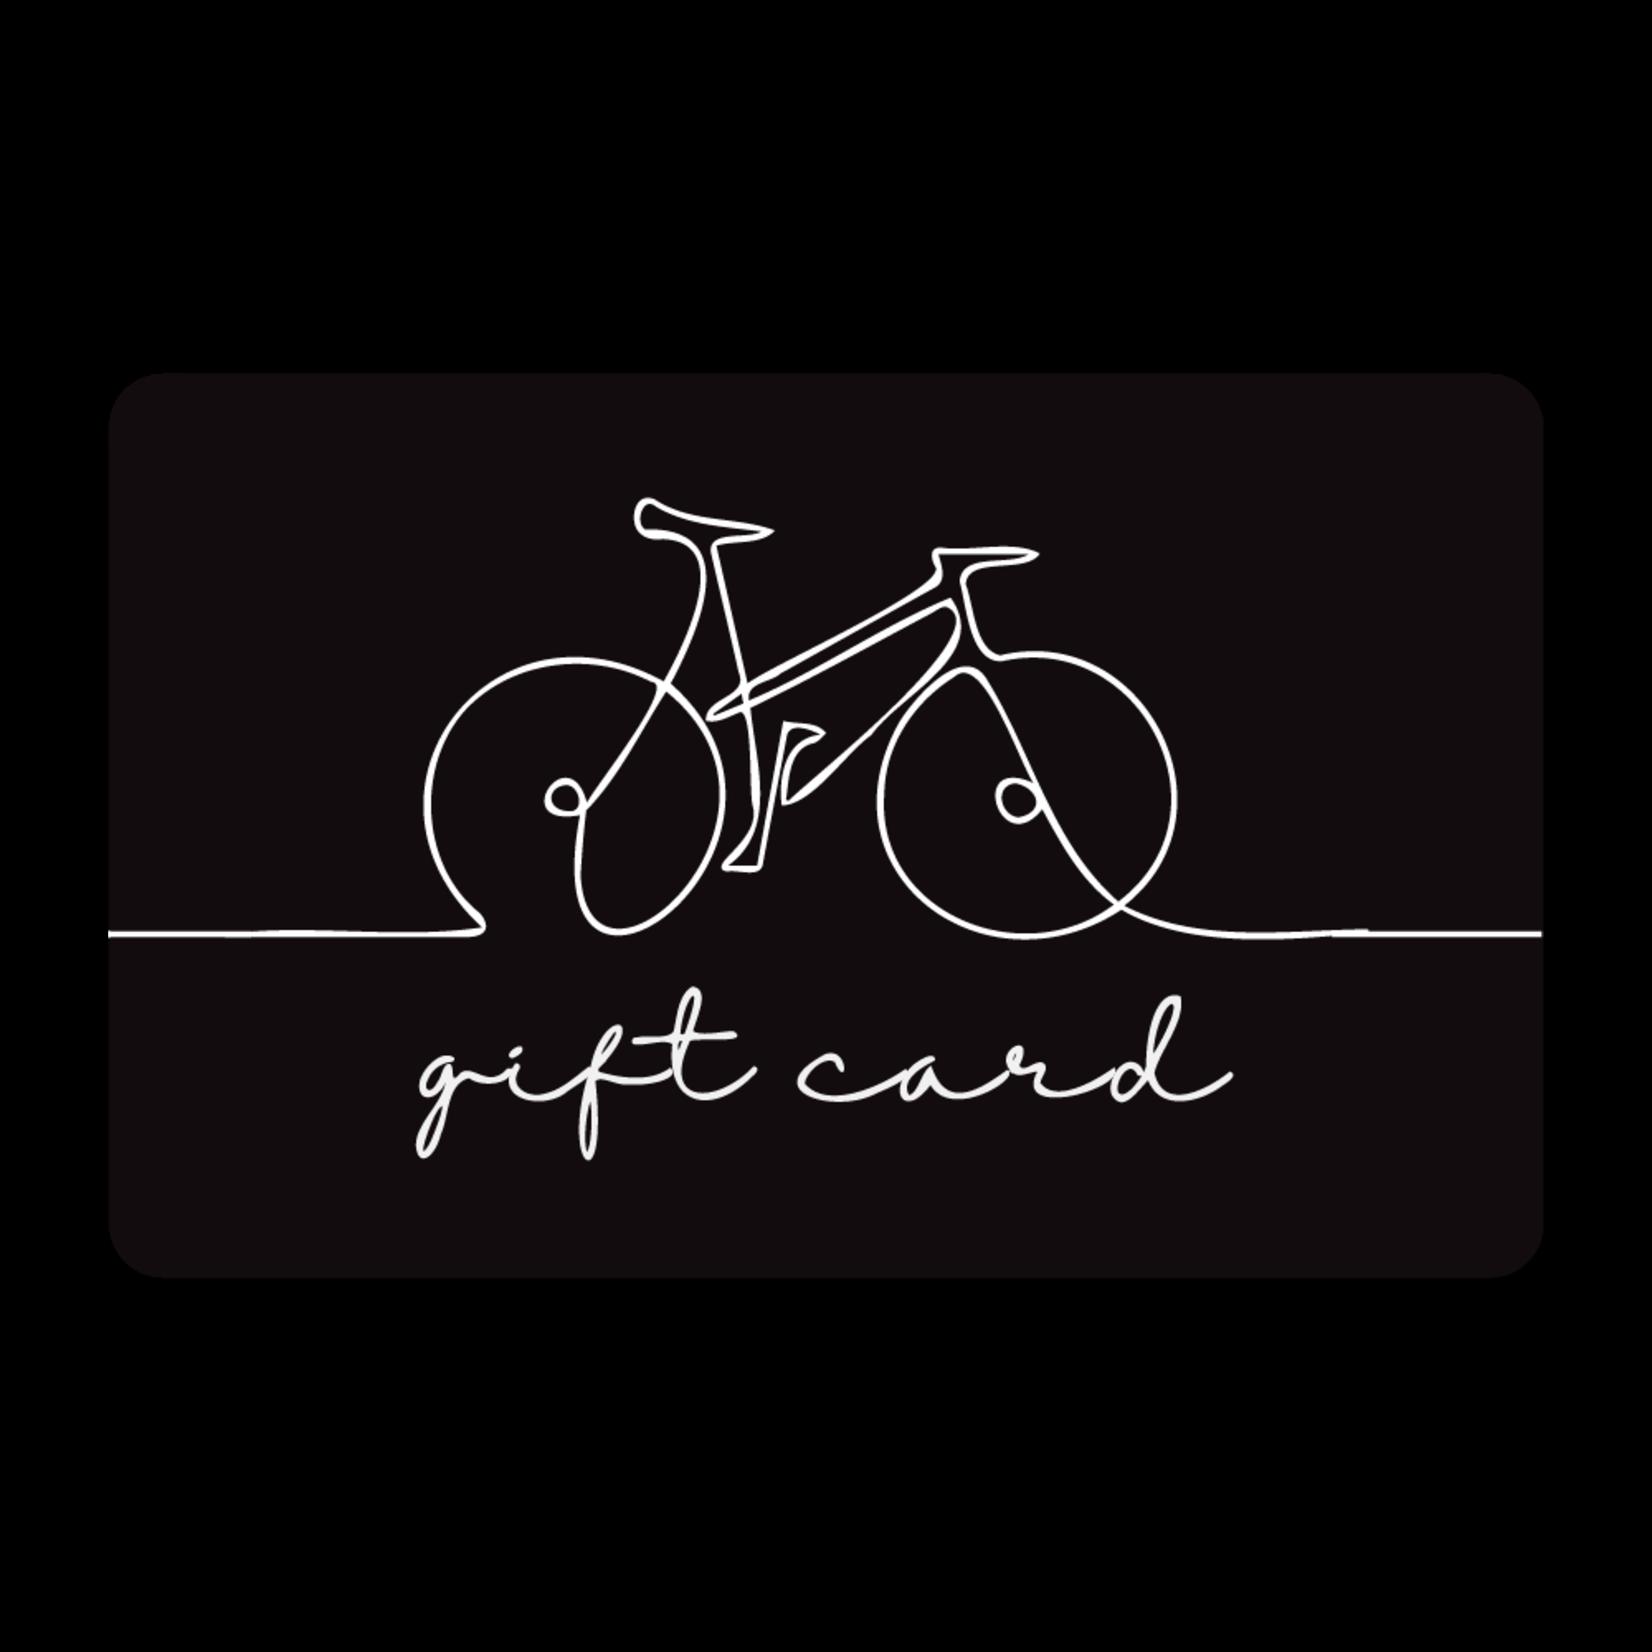 Gift Cards - Bike